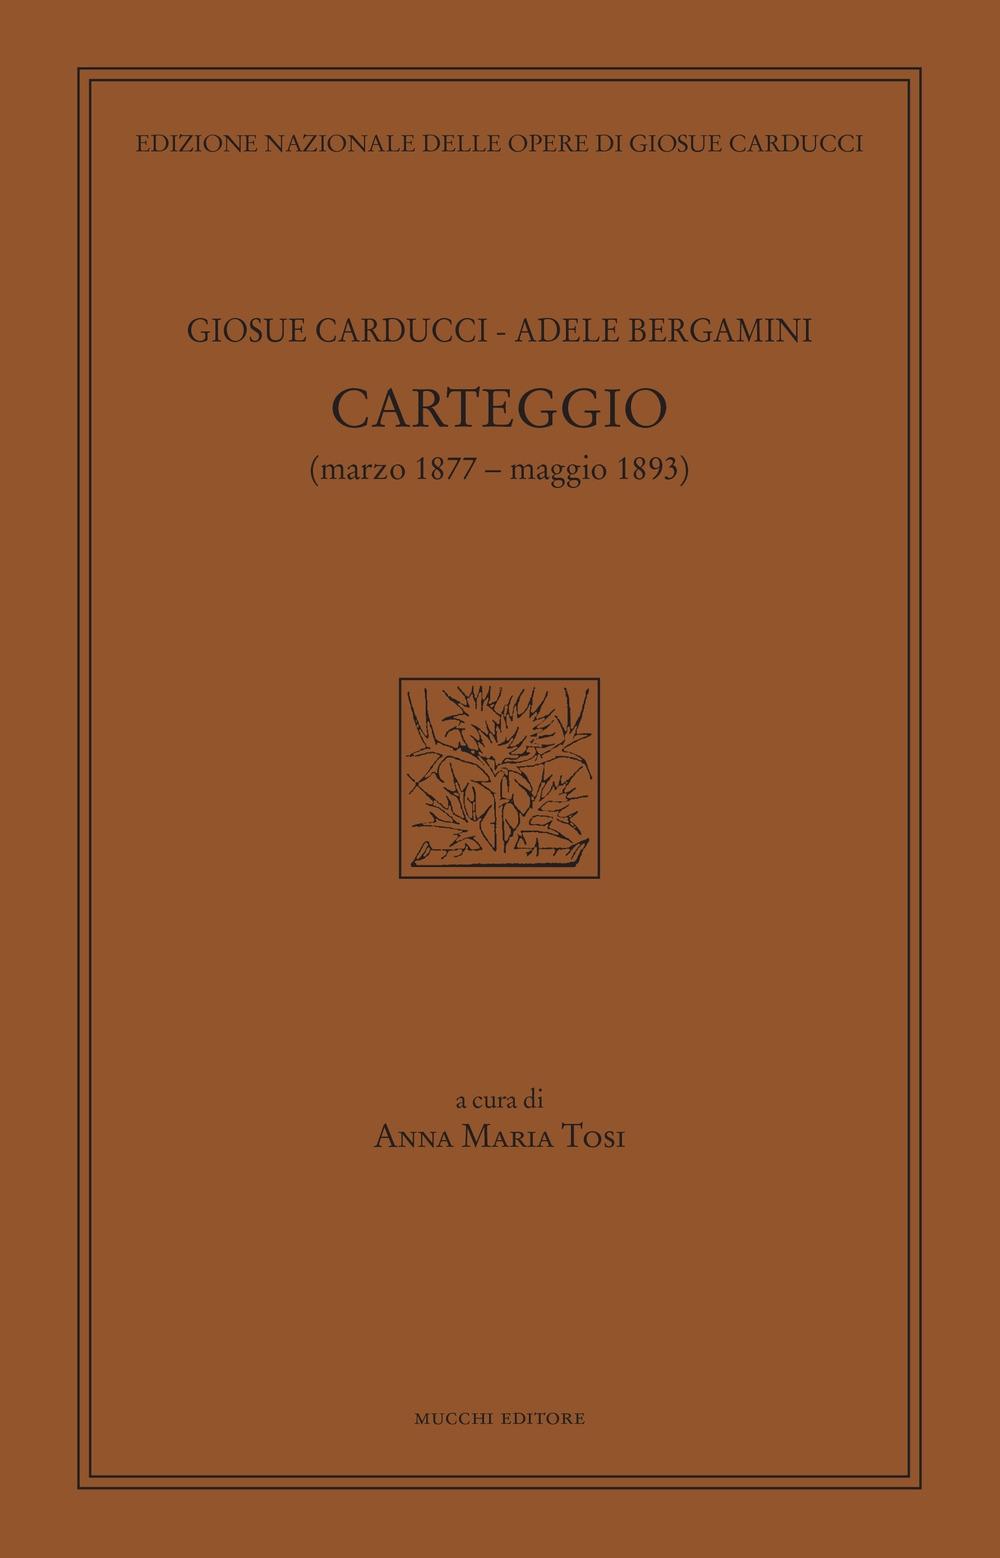 Carteggio (marzo 1877-maggio 1893)